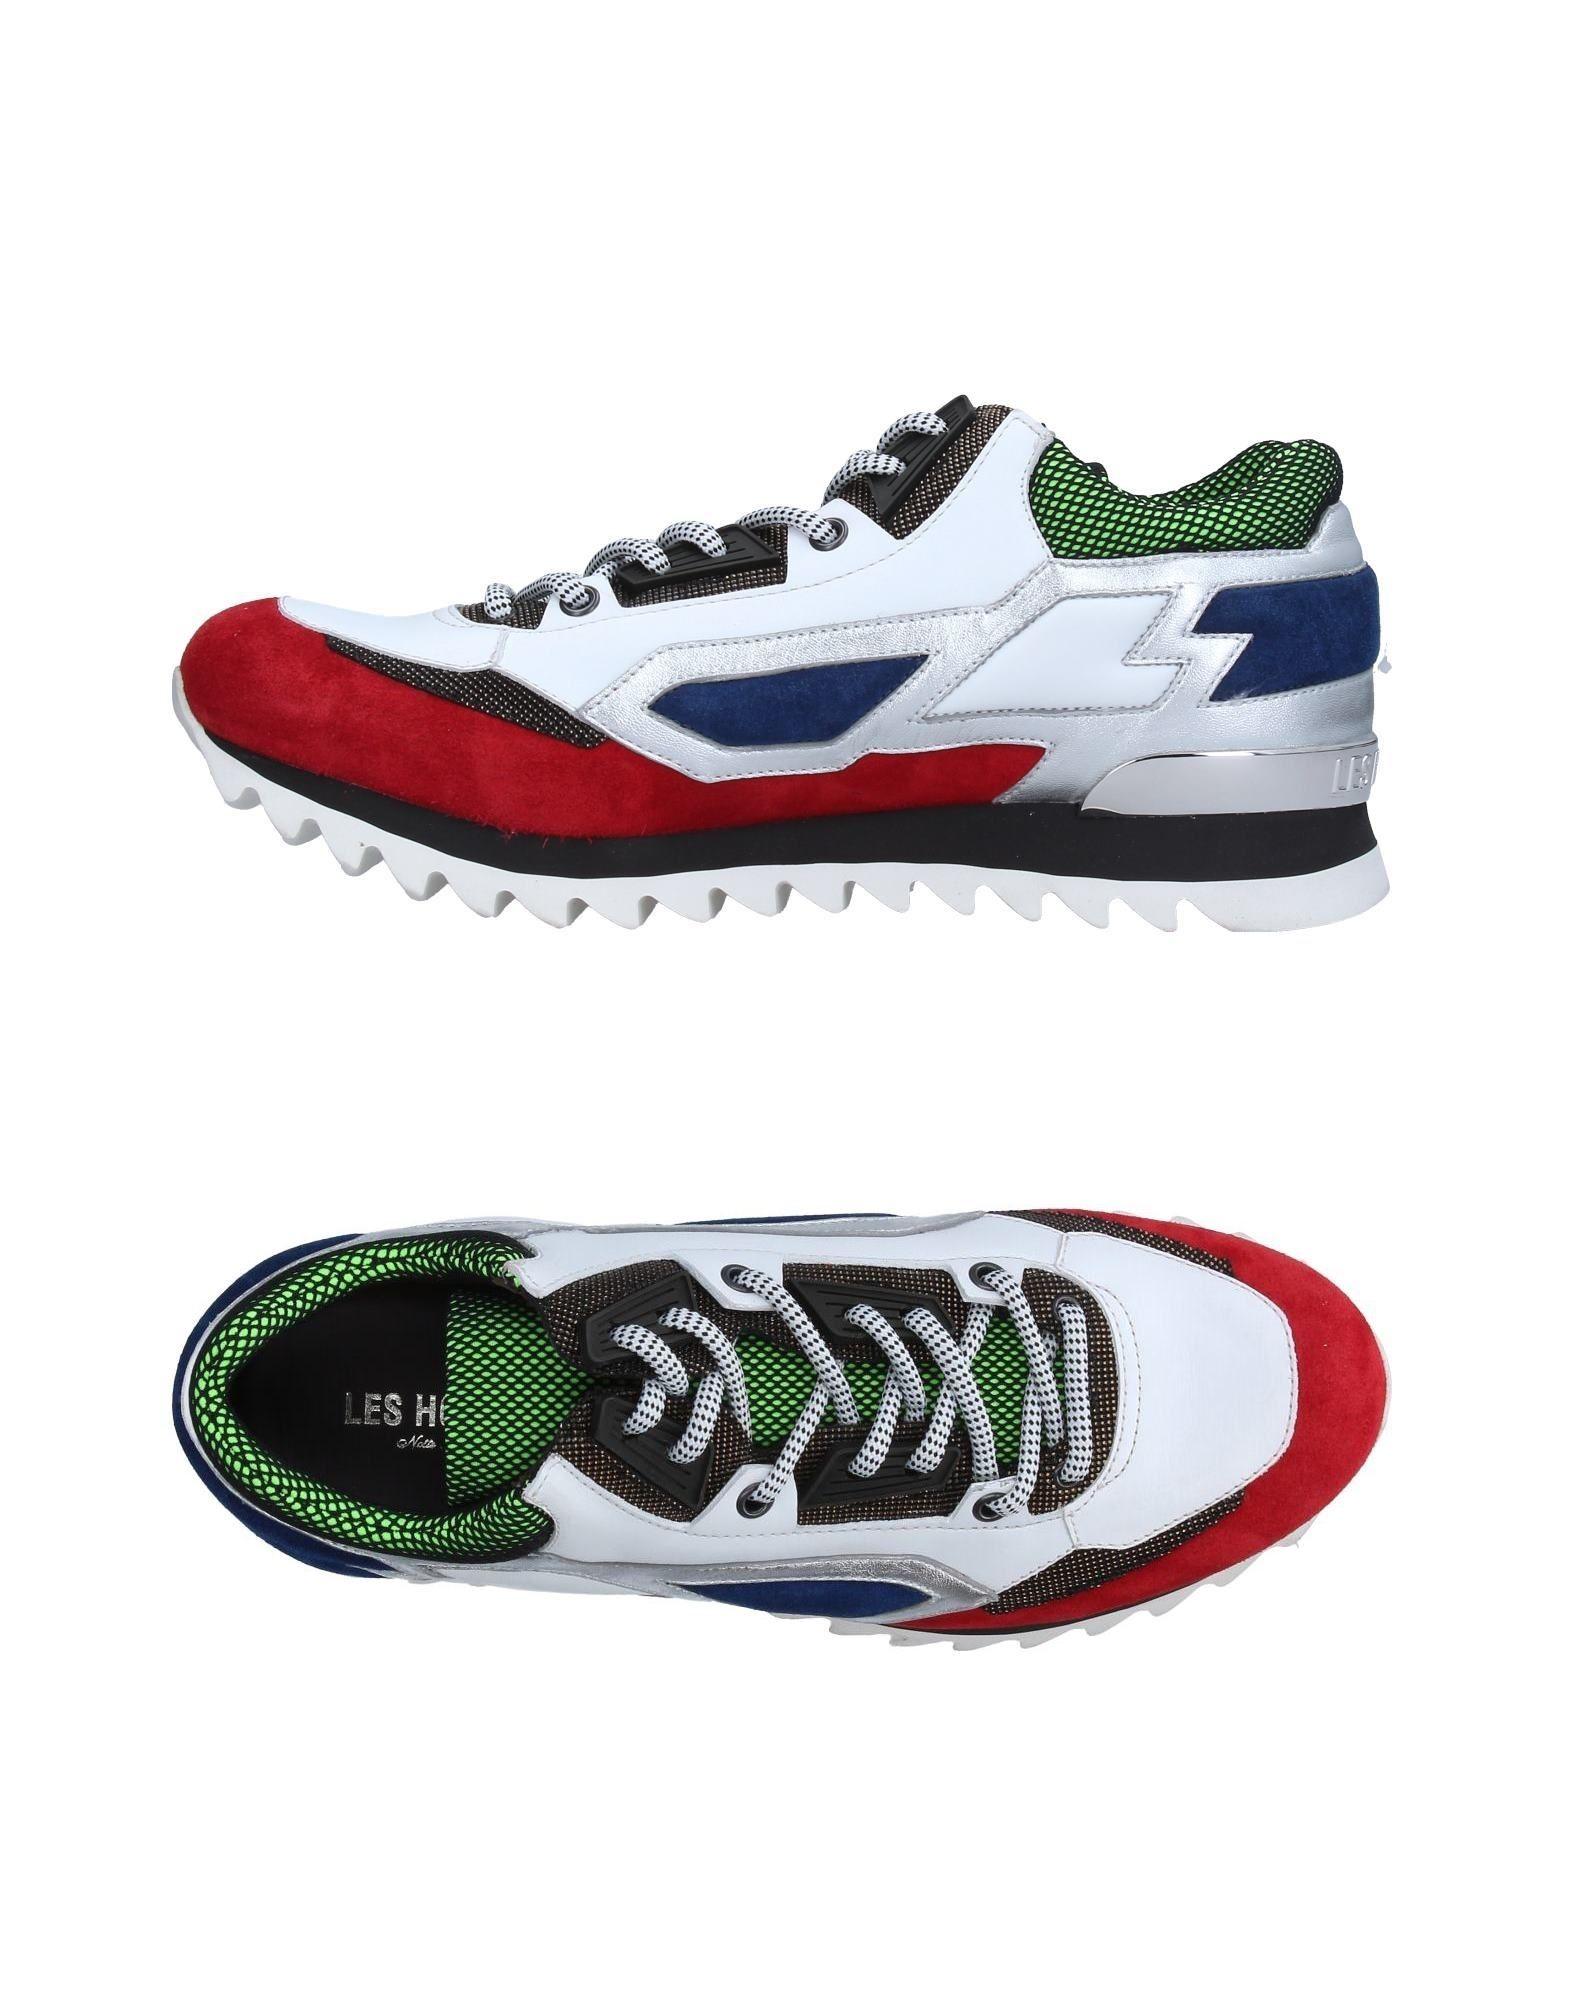 Blanco Zapatillas Les Les Les Hommes Hombre - Zapatillas Les Hommes Cómodo y bien parecido 203253